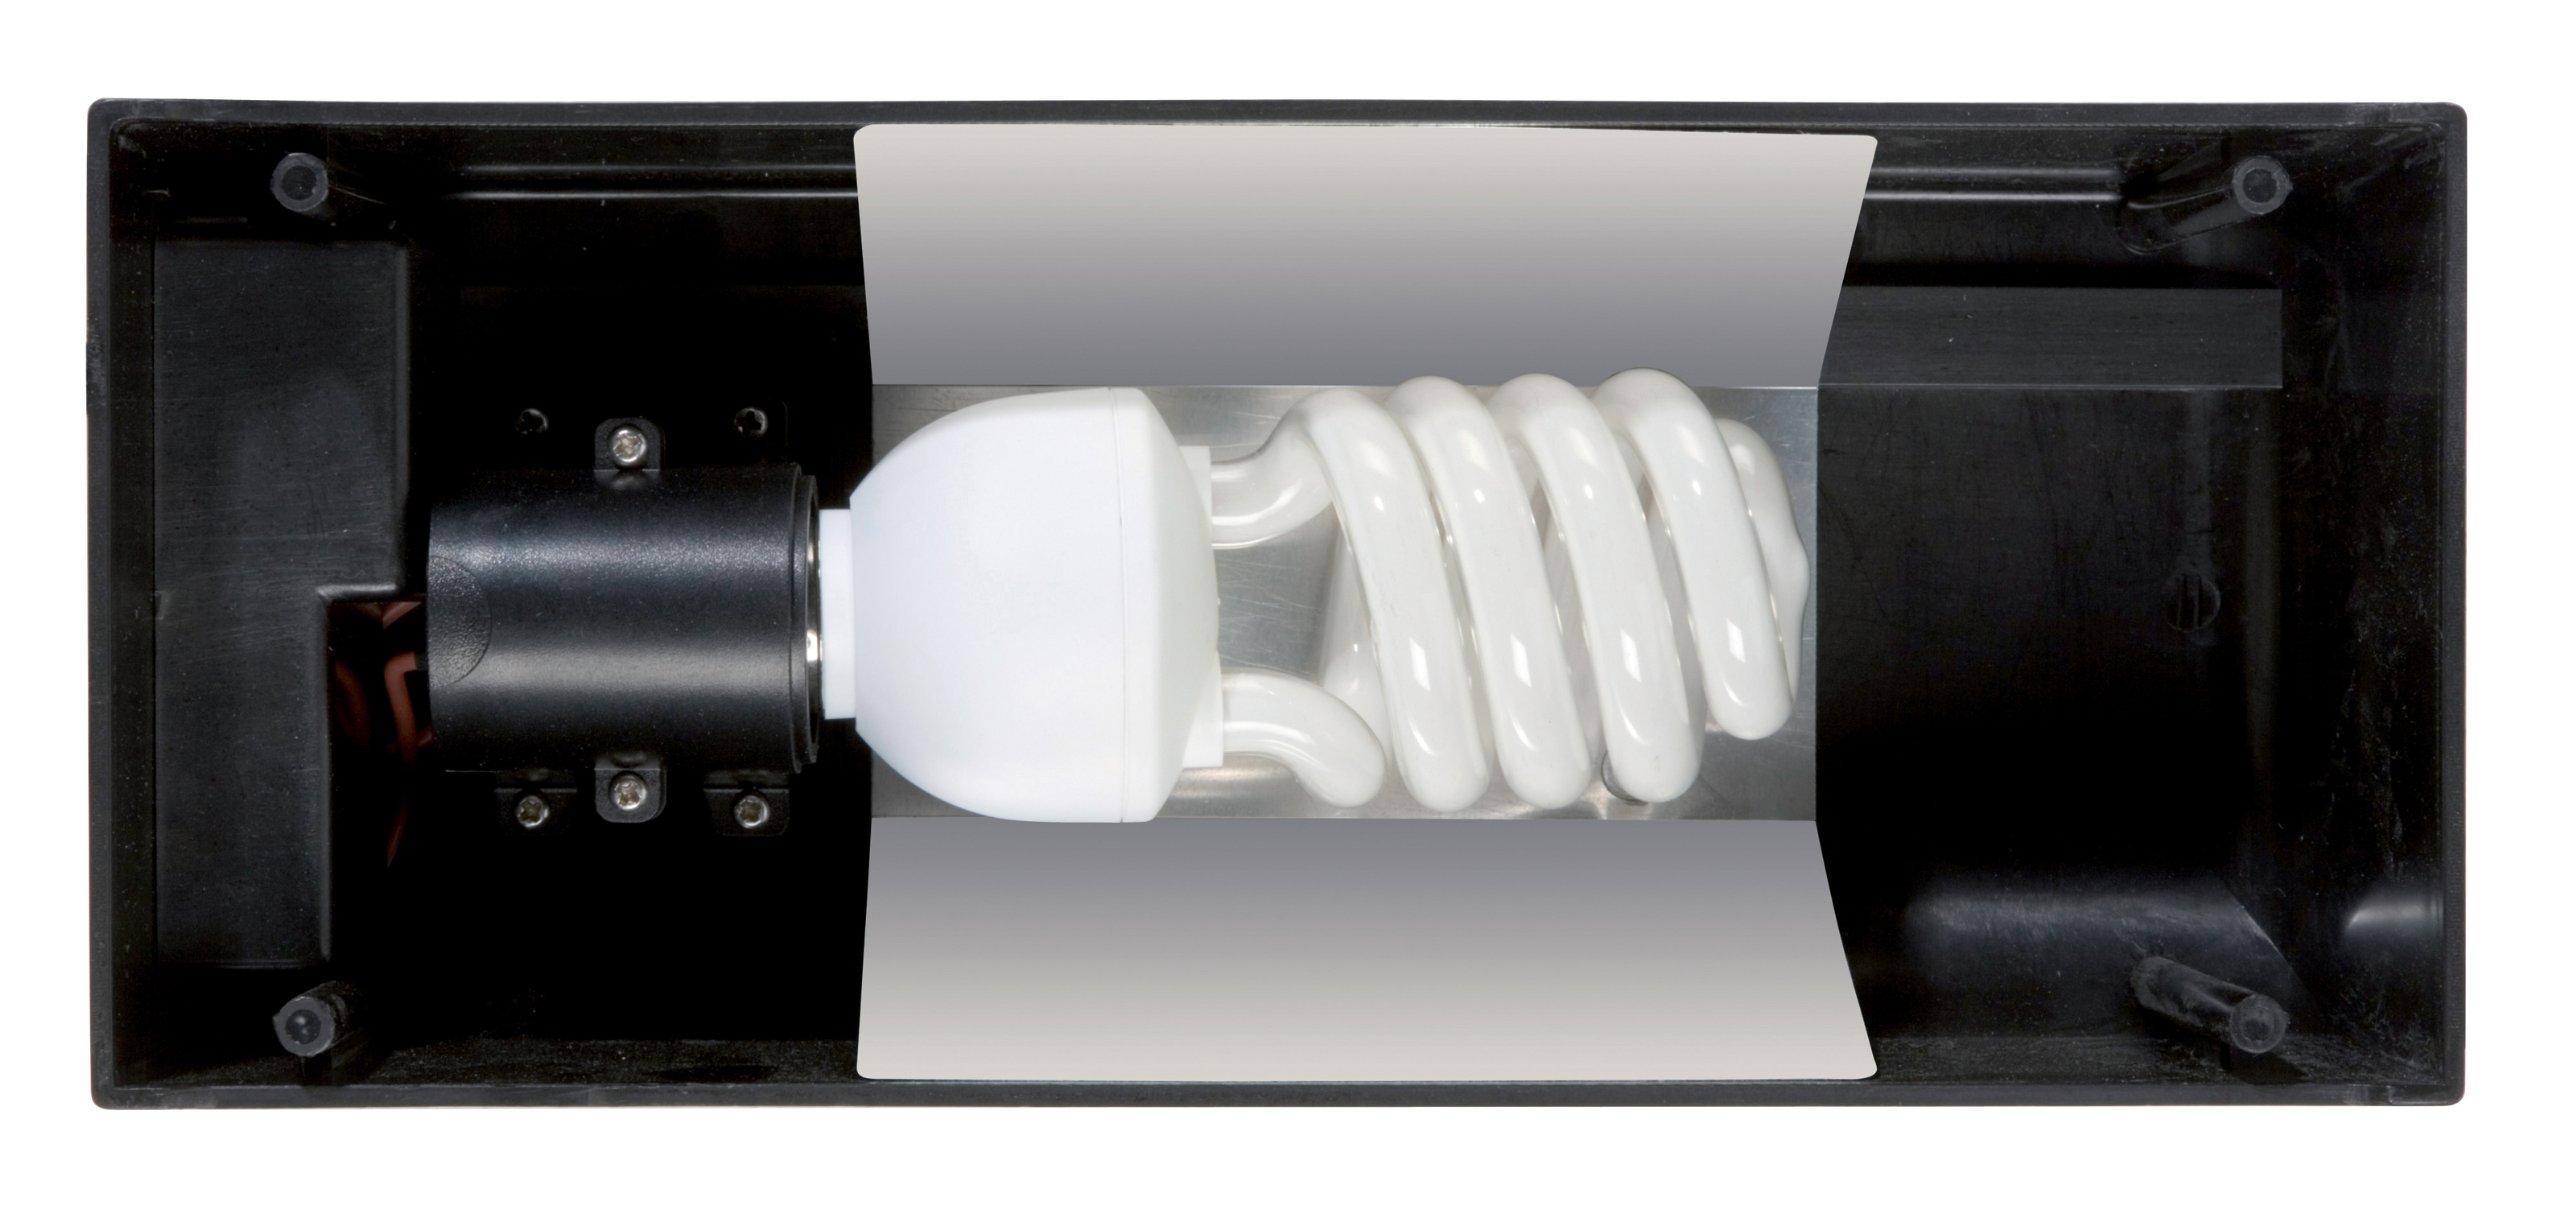 Exo Terra Compact Incandescent Fixture for PT2600/PT2602, Mini